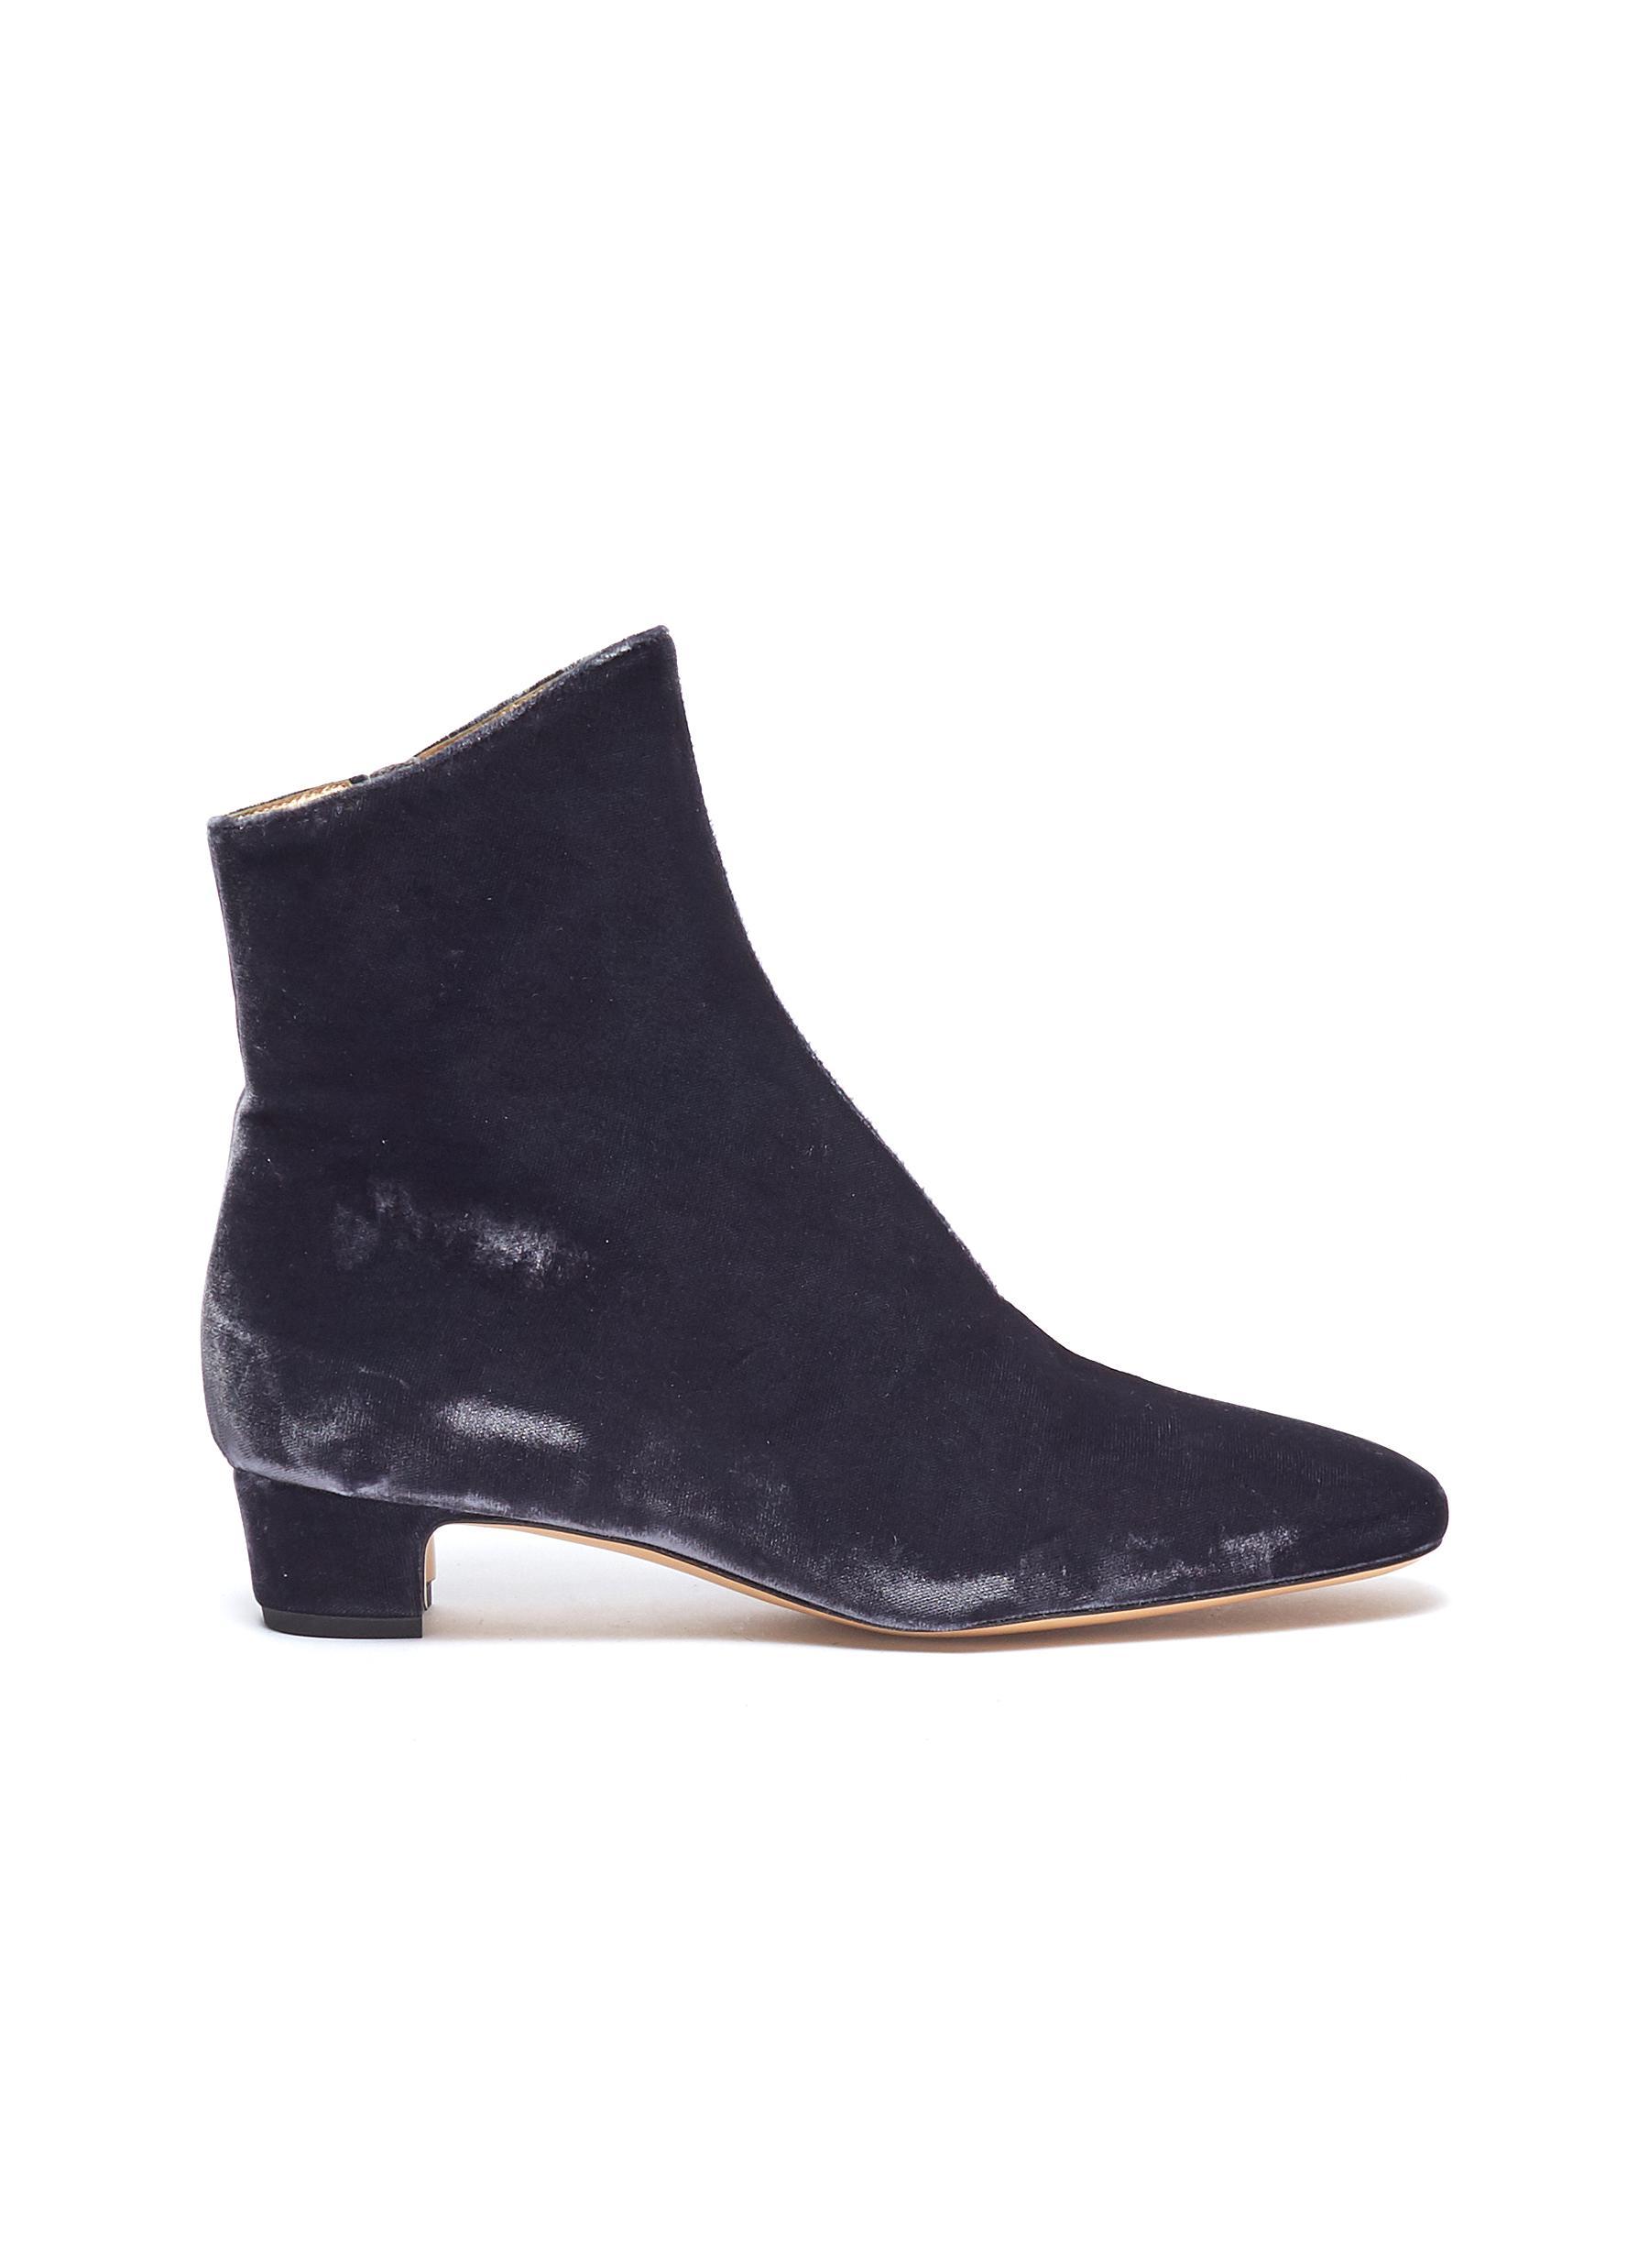 'Zippo' velvet ankle boots